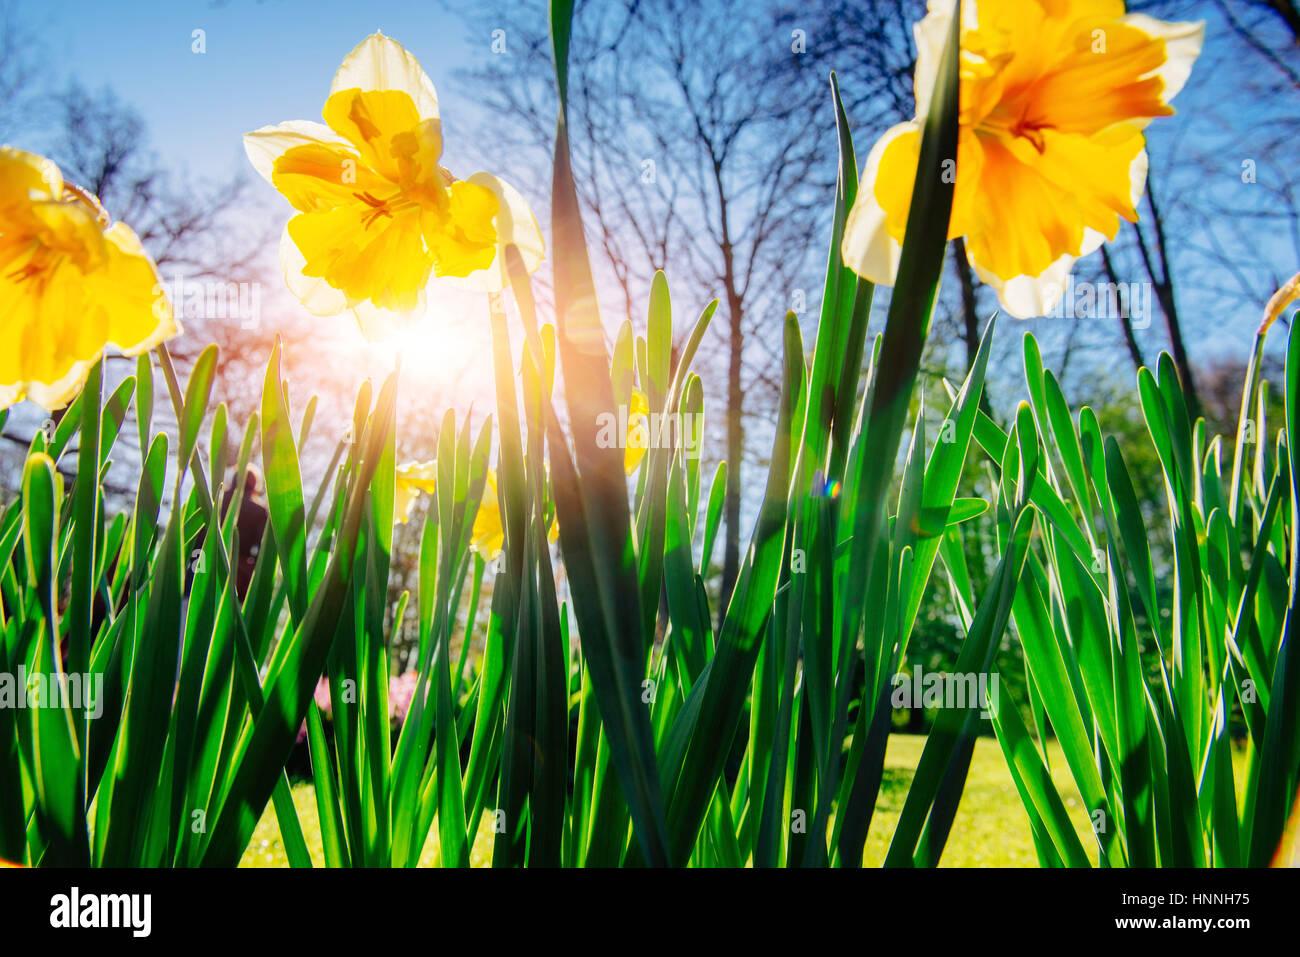 Jonquilles jaune dans les jardins de Hollande Photo Stock